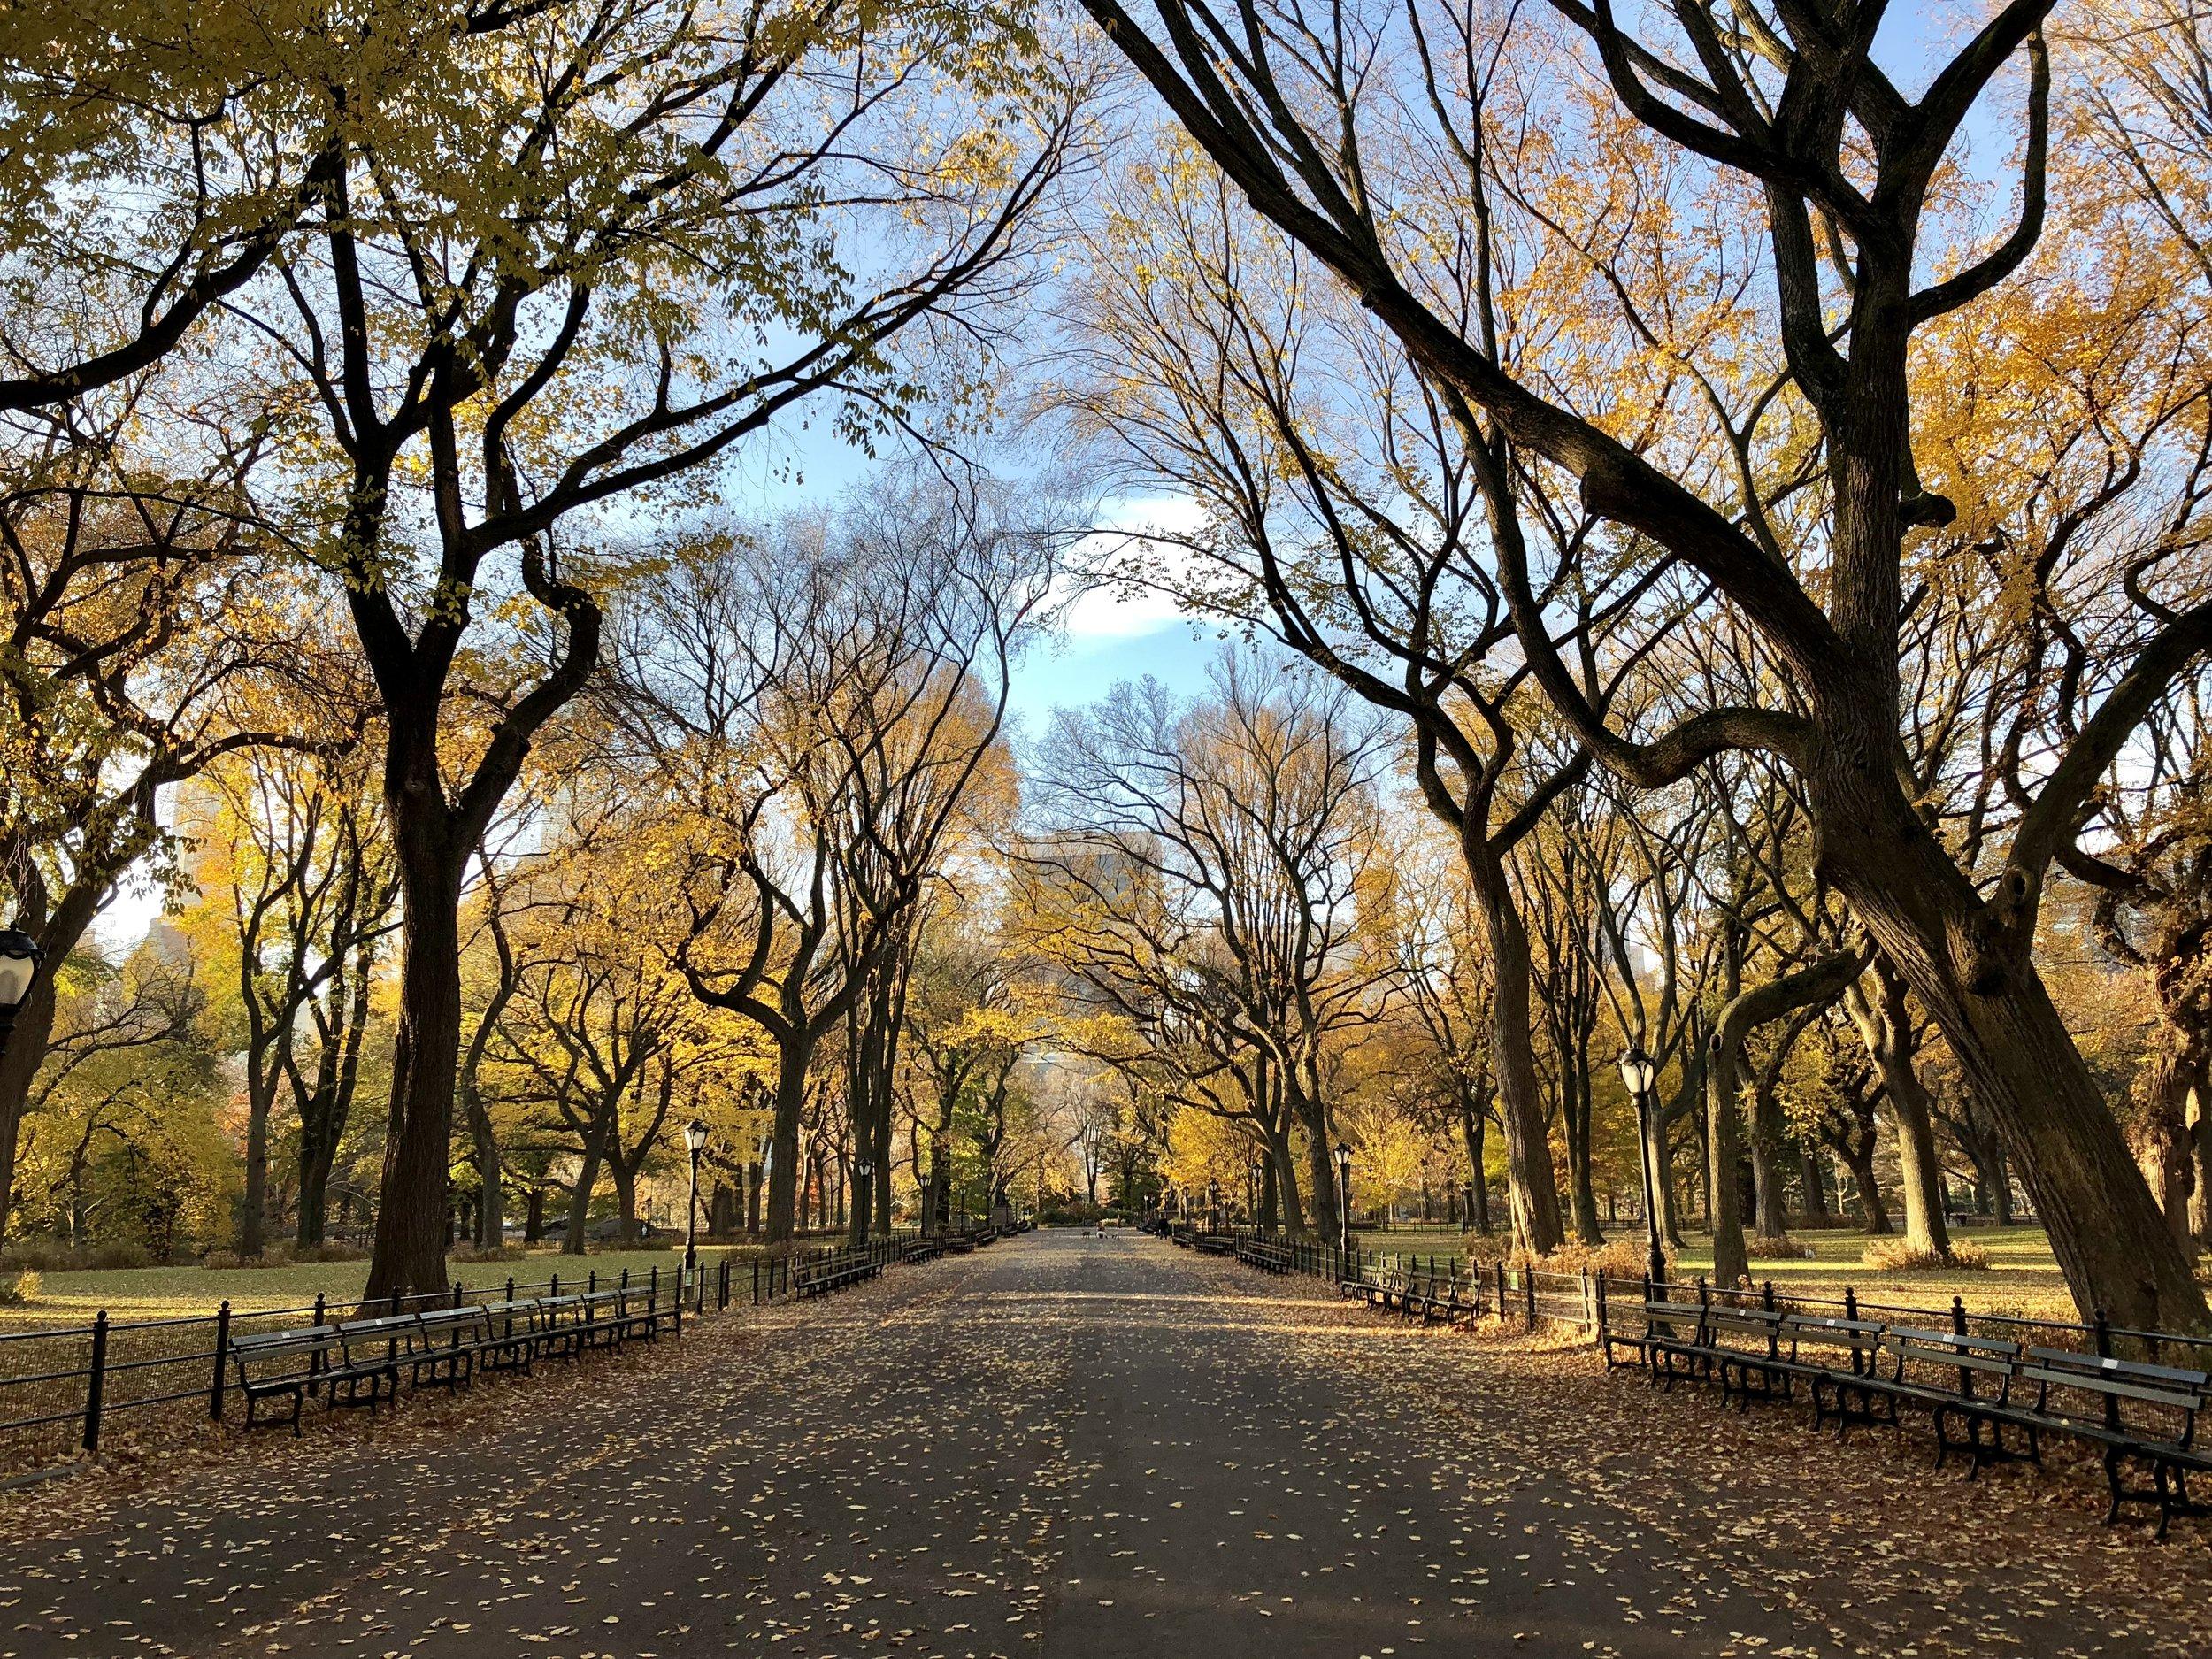 The Mall, Central Park, Manhattan, New York City, NY